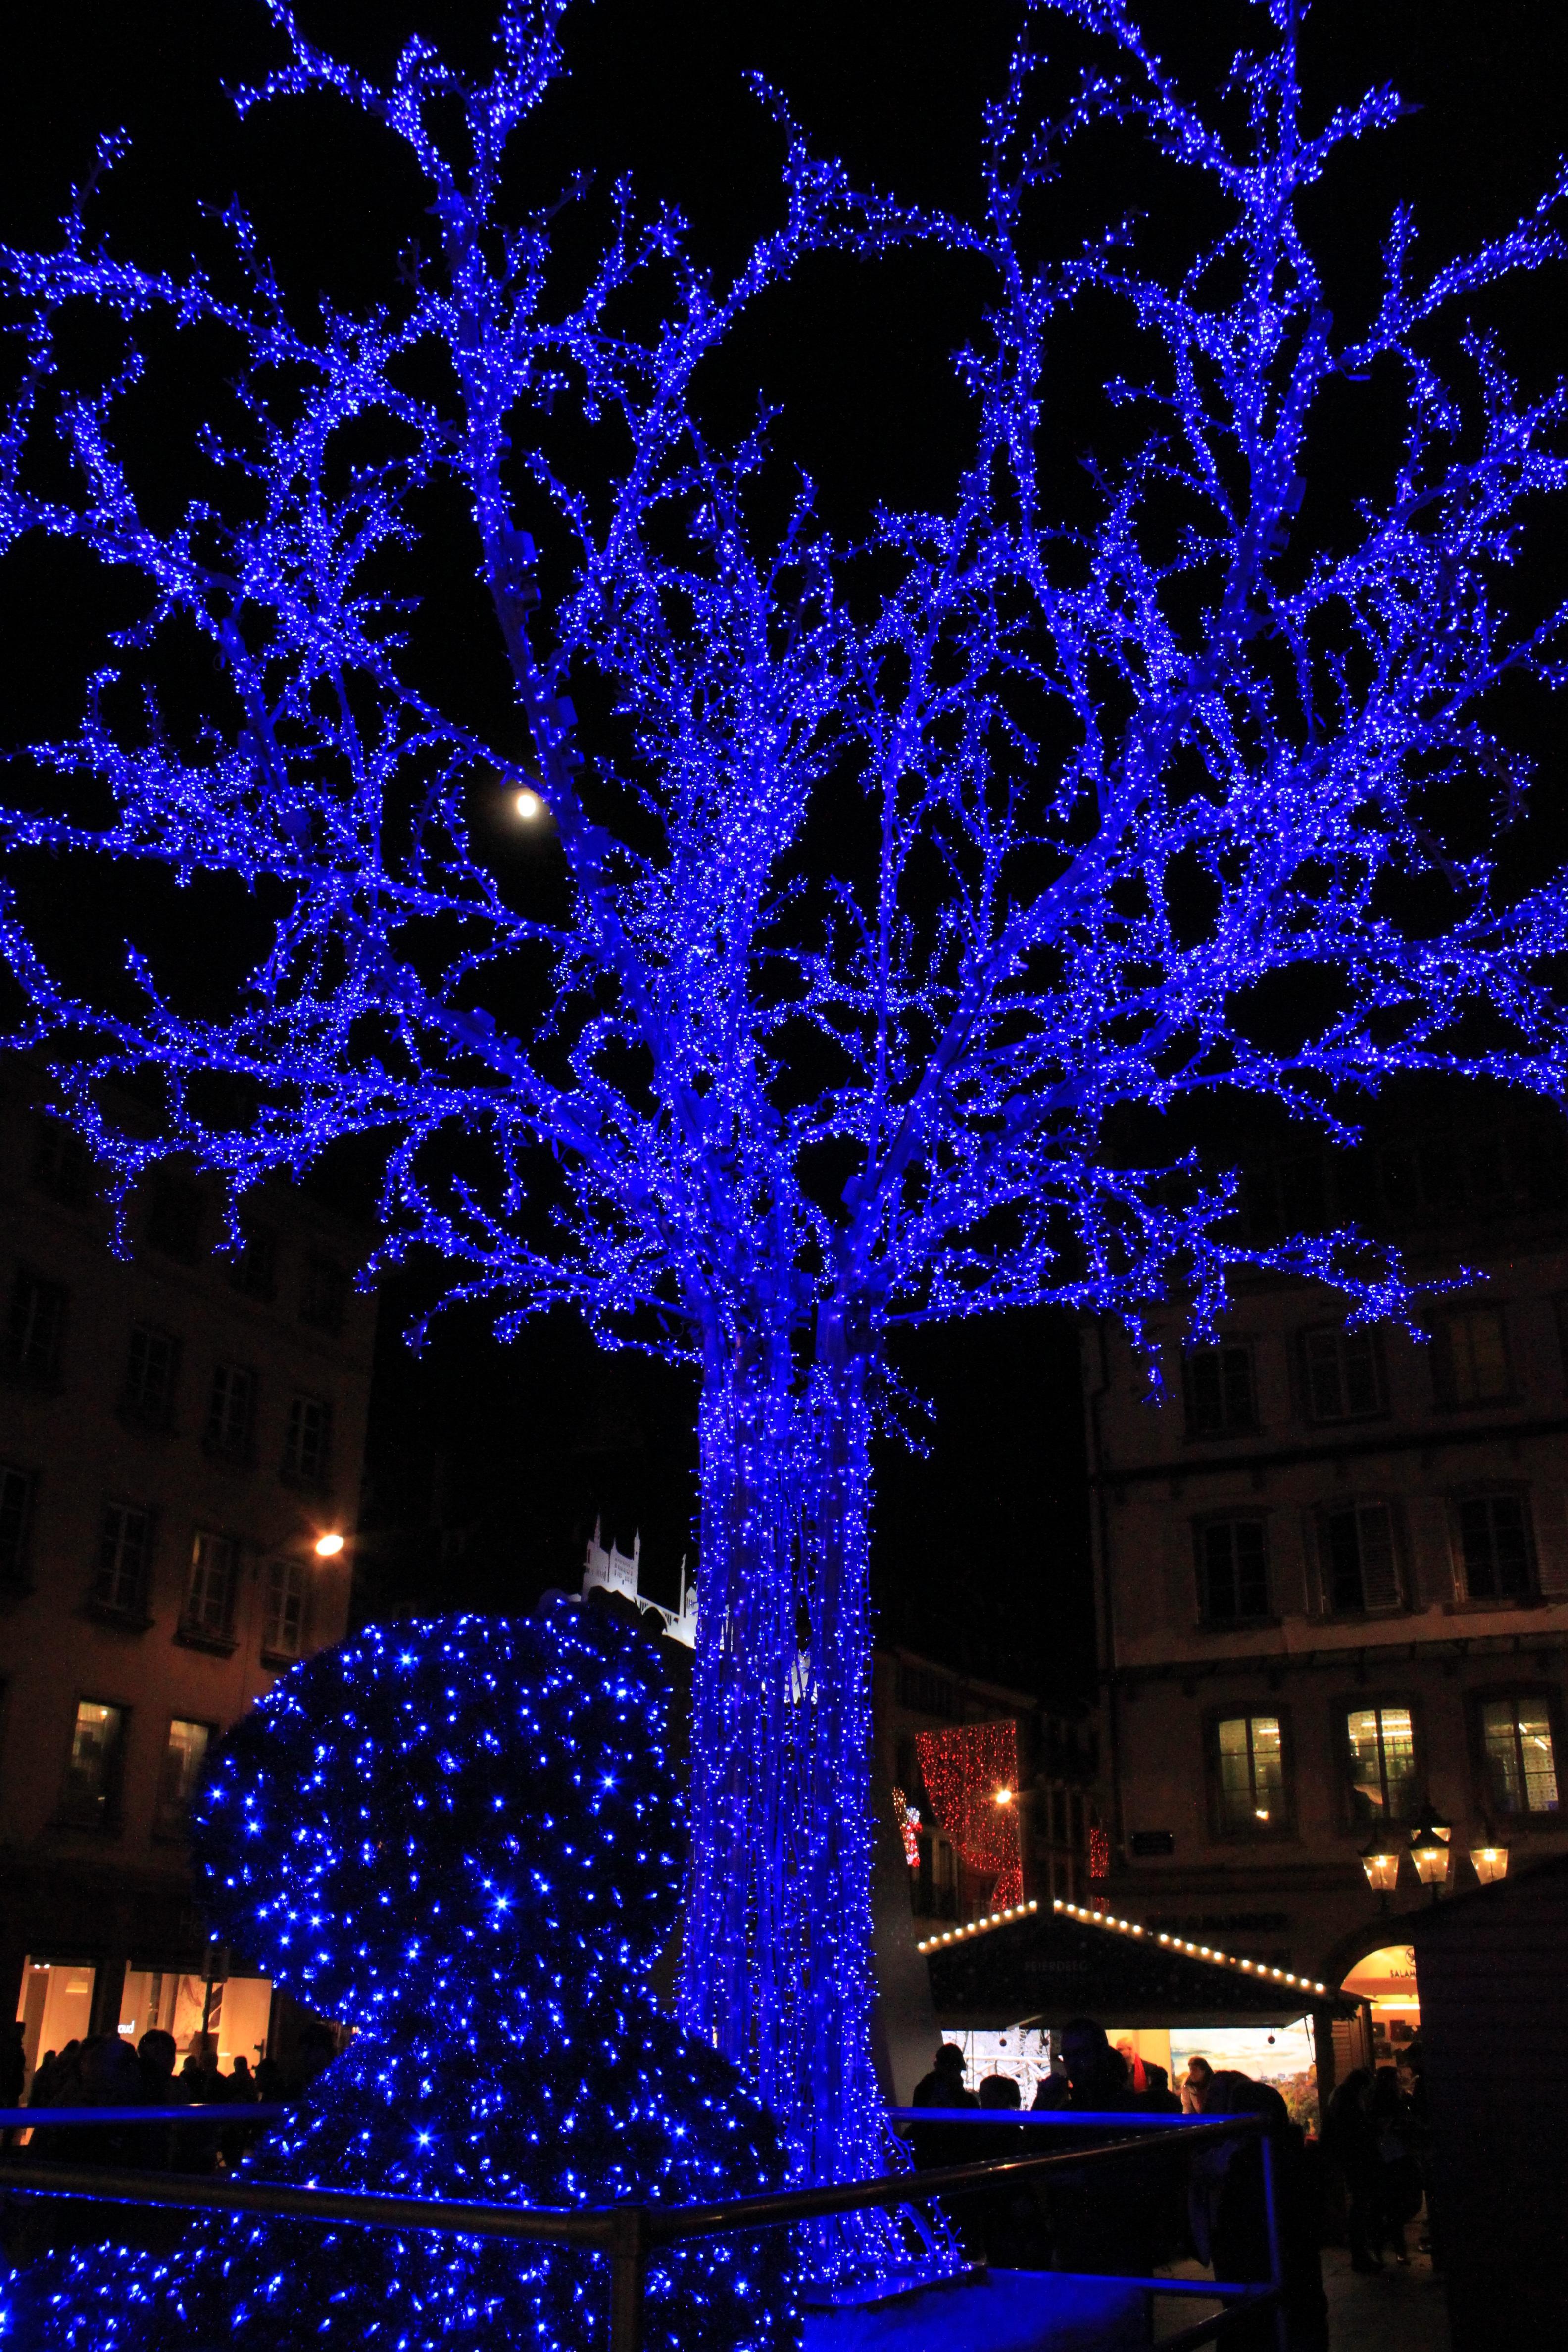 images gratuites branche lumi re nuit fleur bleu clairage d cor arbre de no l. Black Bedroom Furniture Sets. Home Design Ideas